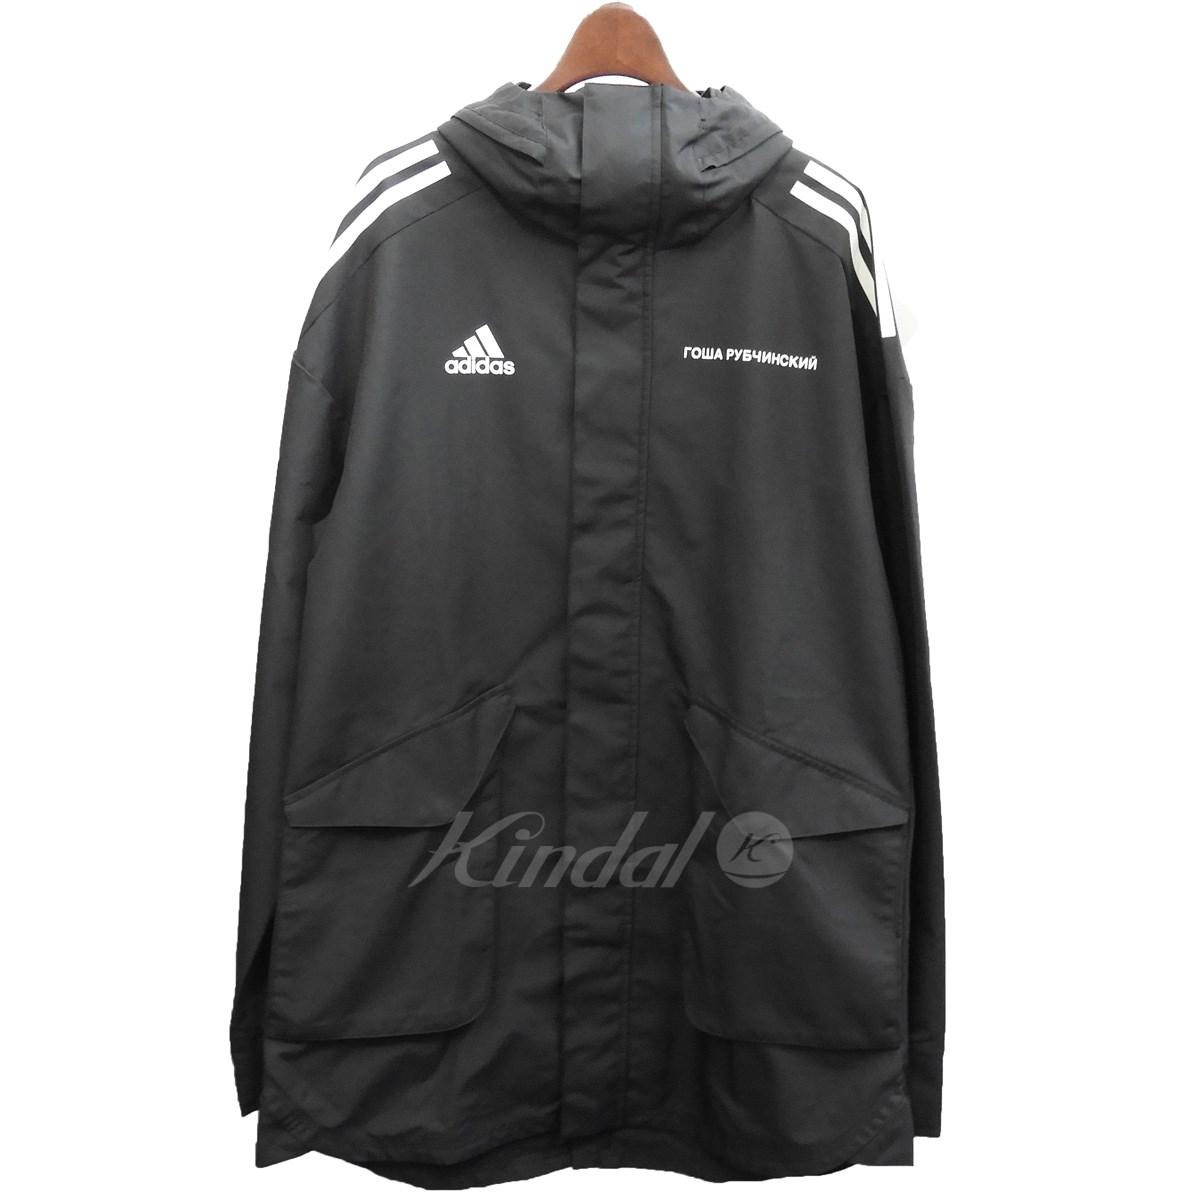 【中古】Gosha Rubchinskiy×adidas2017AW 「Signature Hardshell Jacket」ハードシェルジャケット ブラック サイズ:JP O【2月17日見直し】